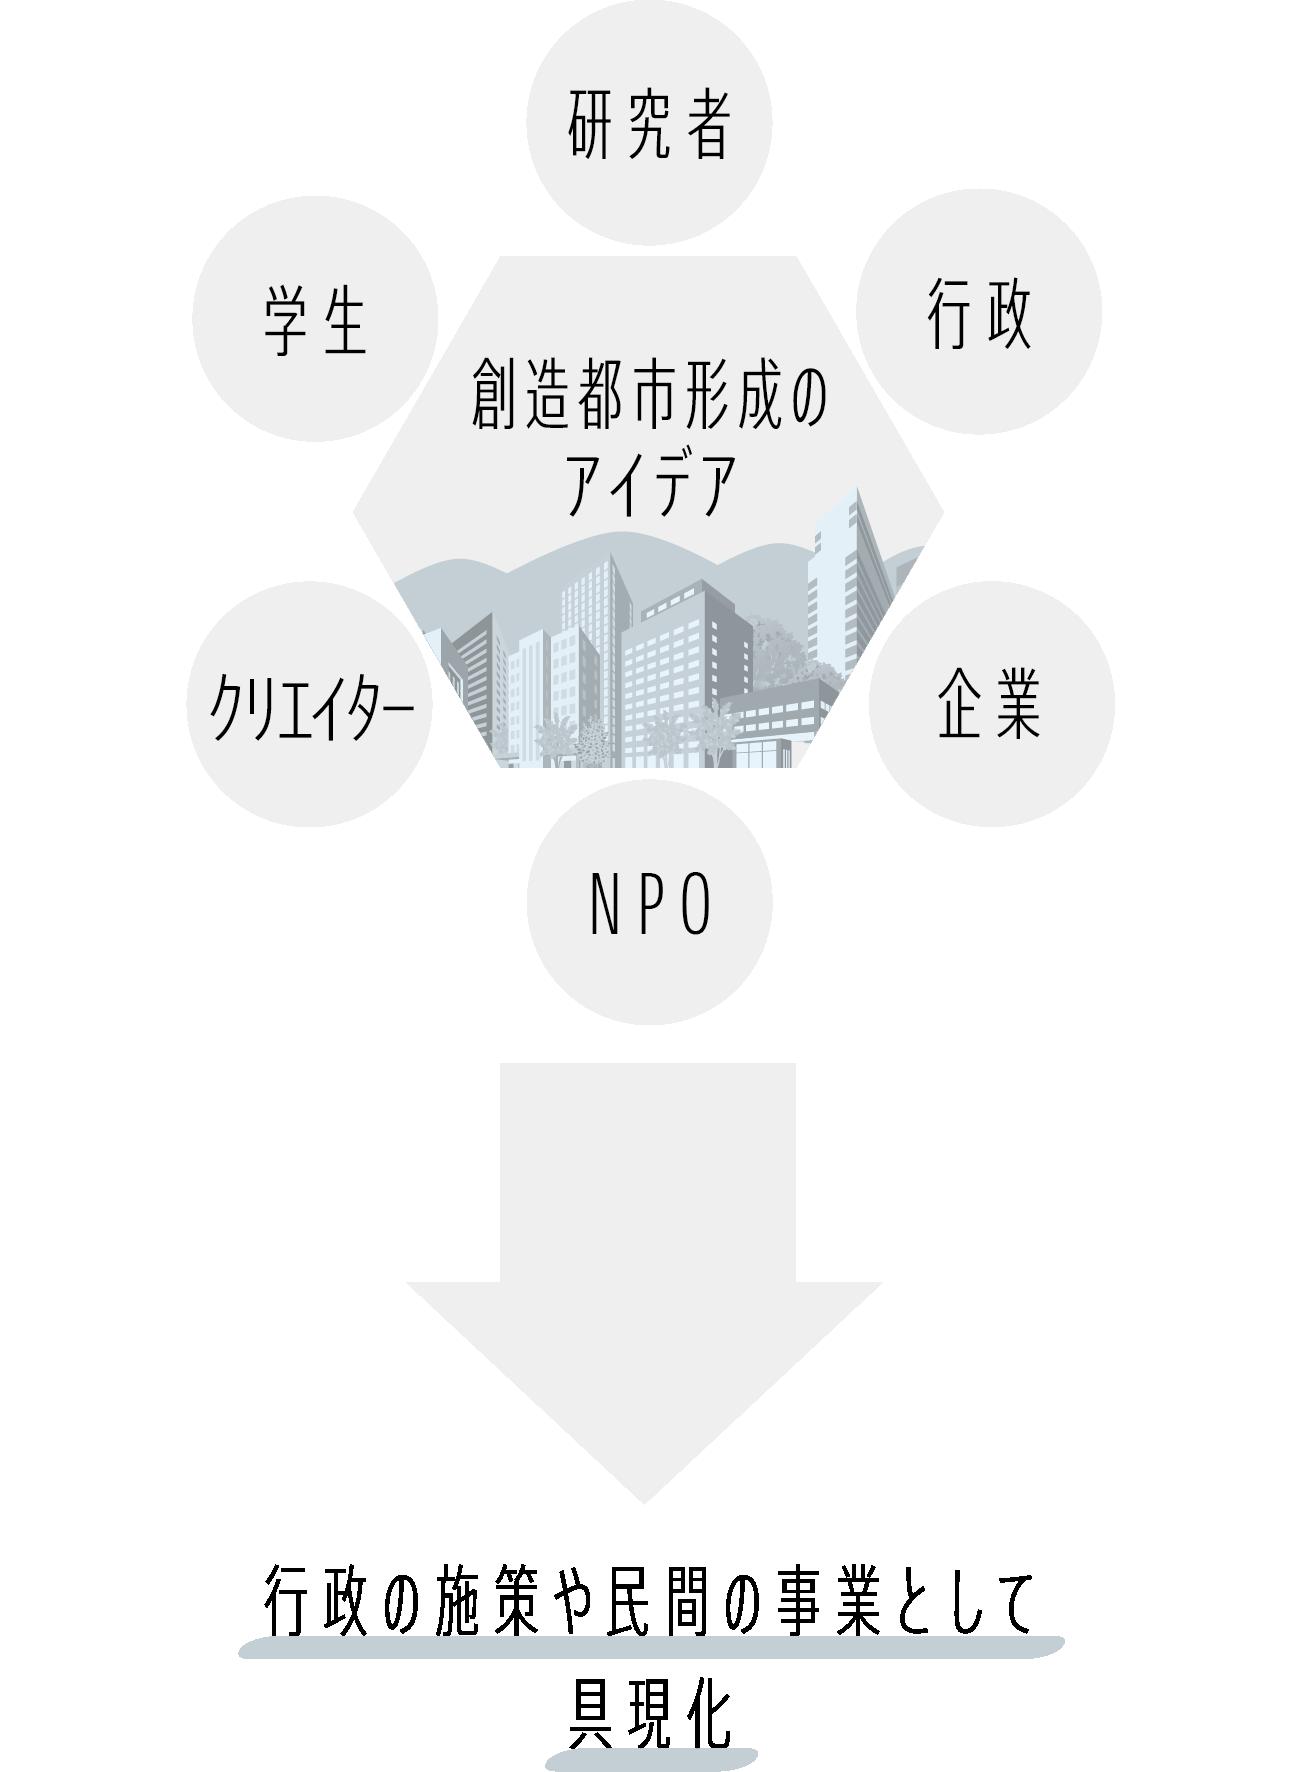 学生他様々な主体による創造都市形成のアイデアを、行政の施策や民間の事業として具現化